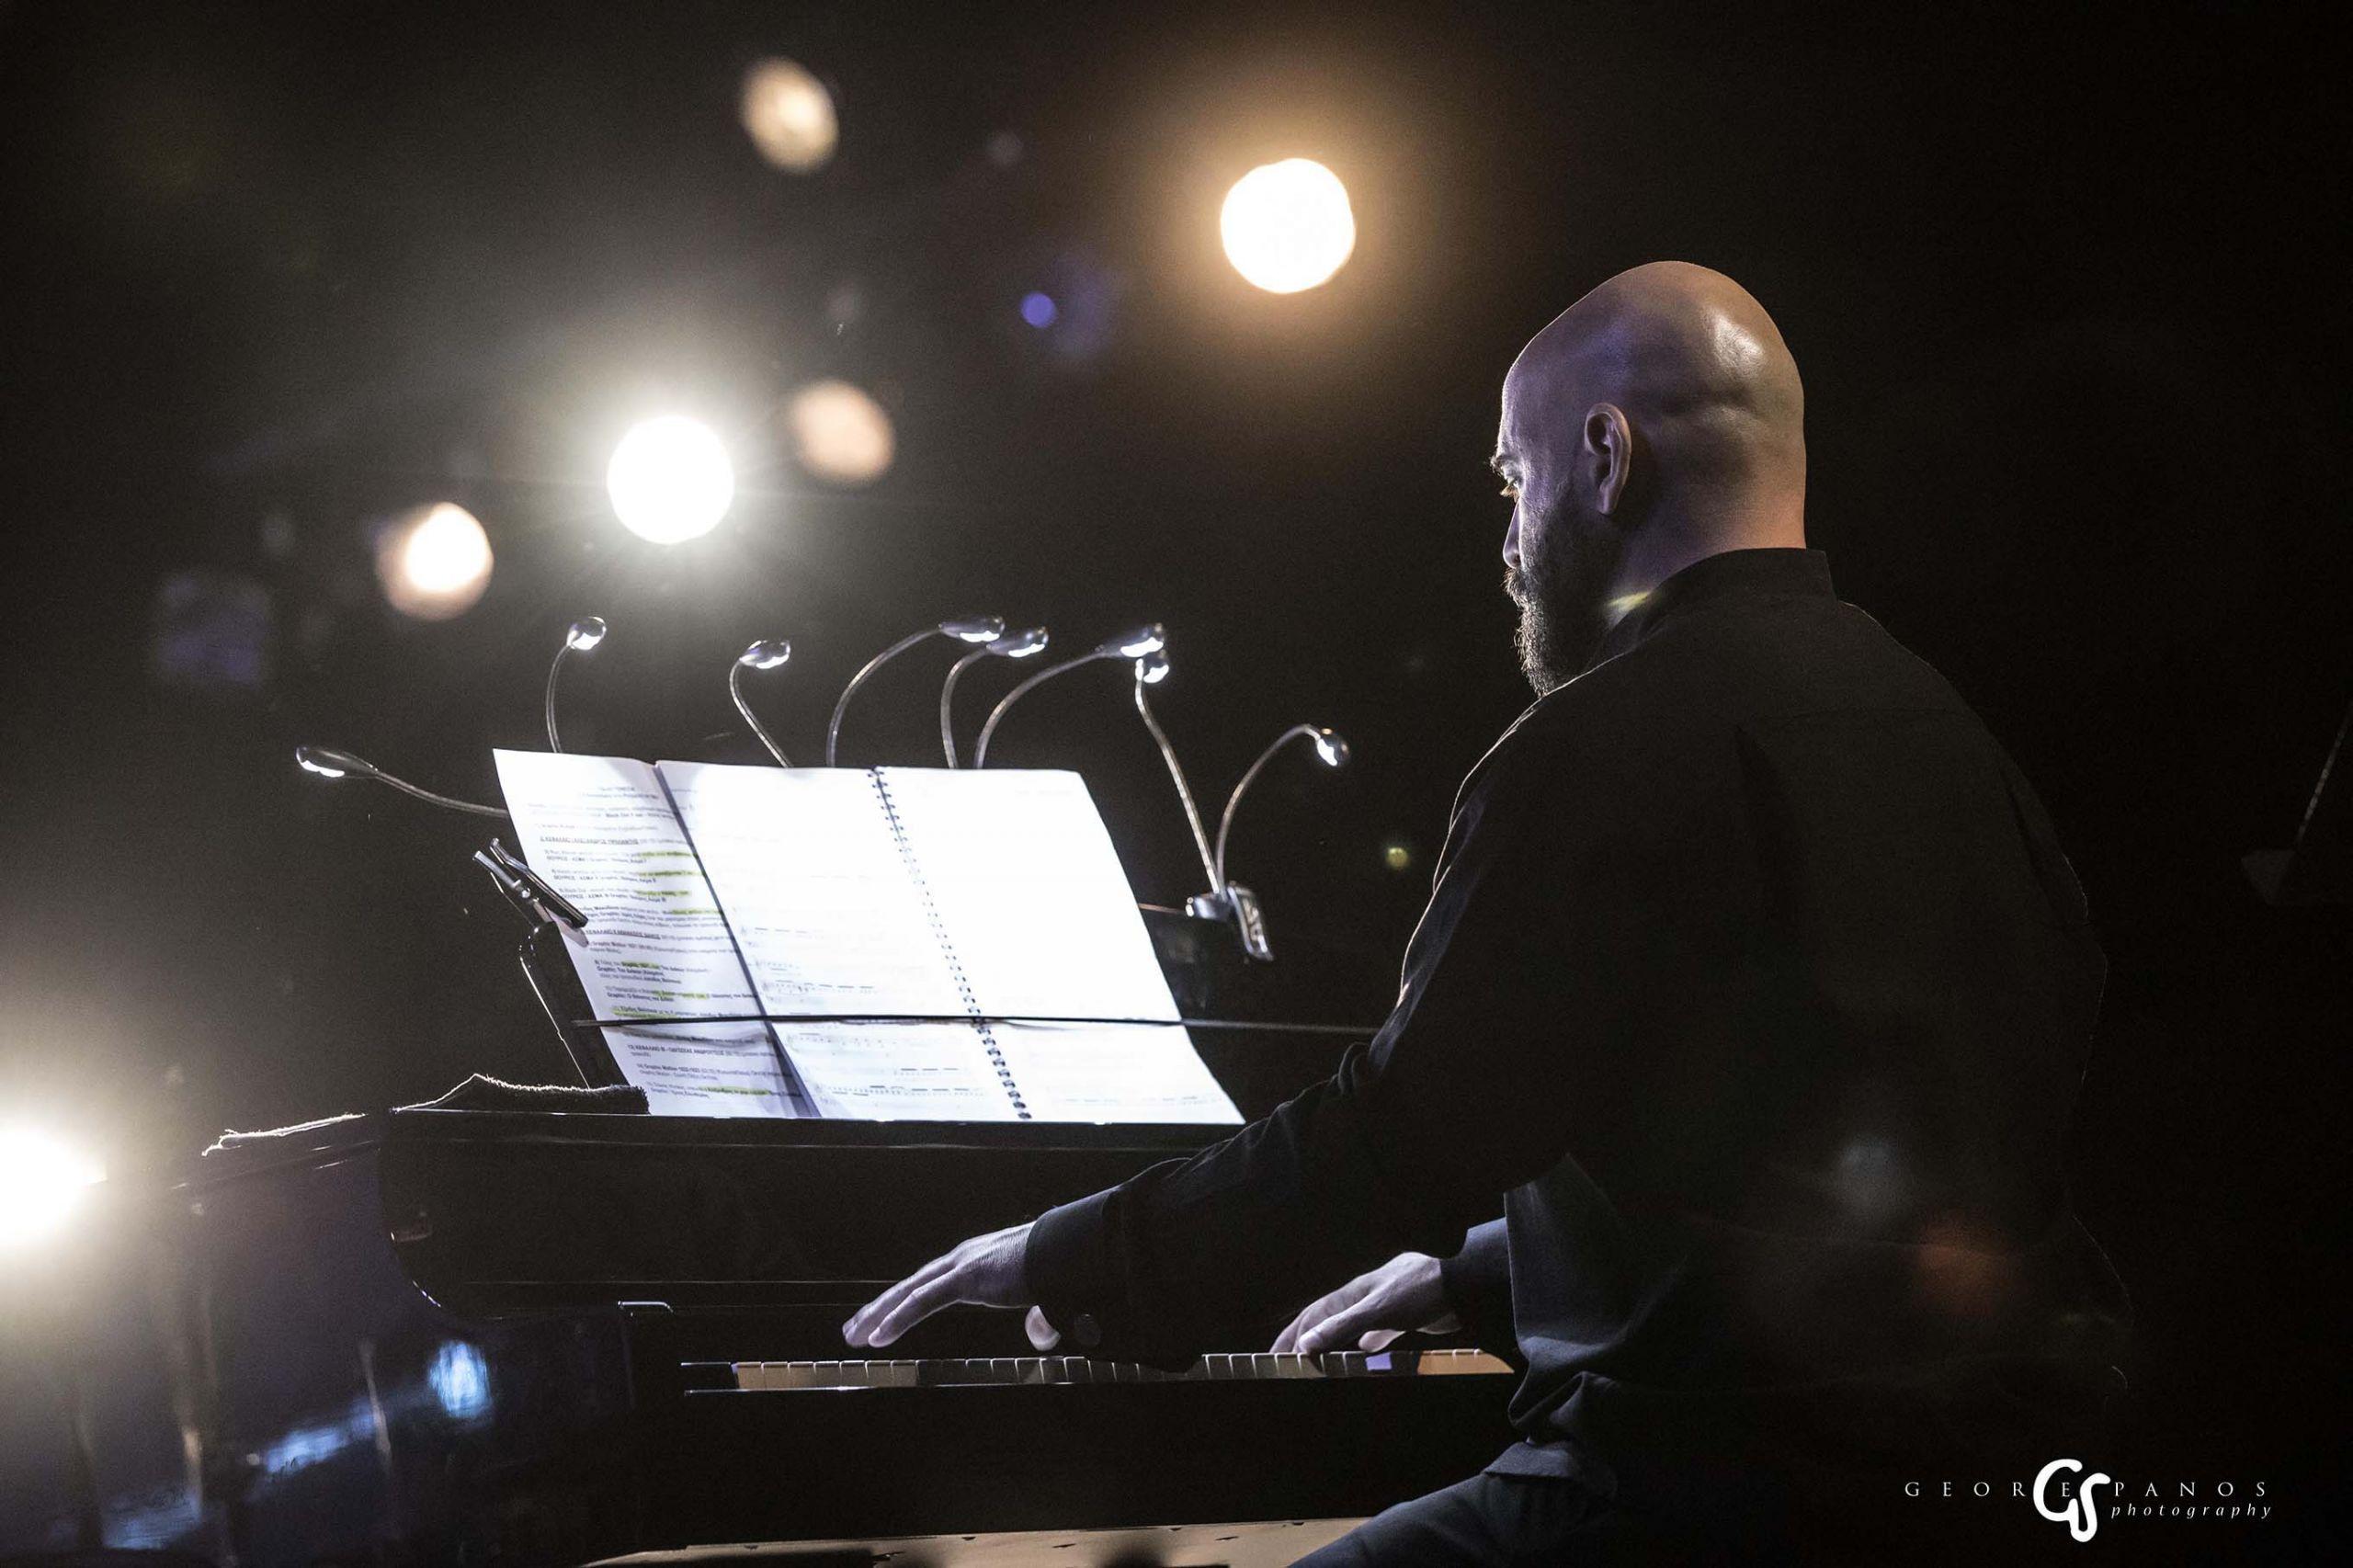 Ο εξαιρετικός συνθέτης Δημήτρης Μαραμής. Φωτογραφία:George Spanos Photography